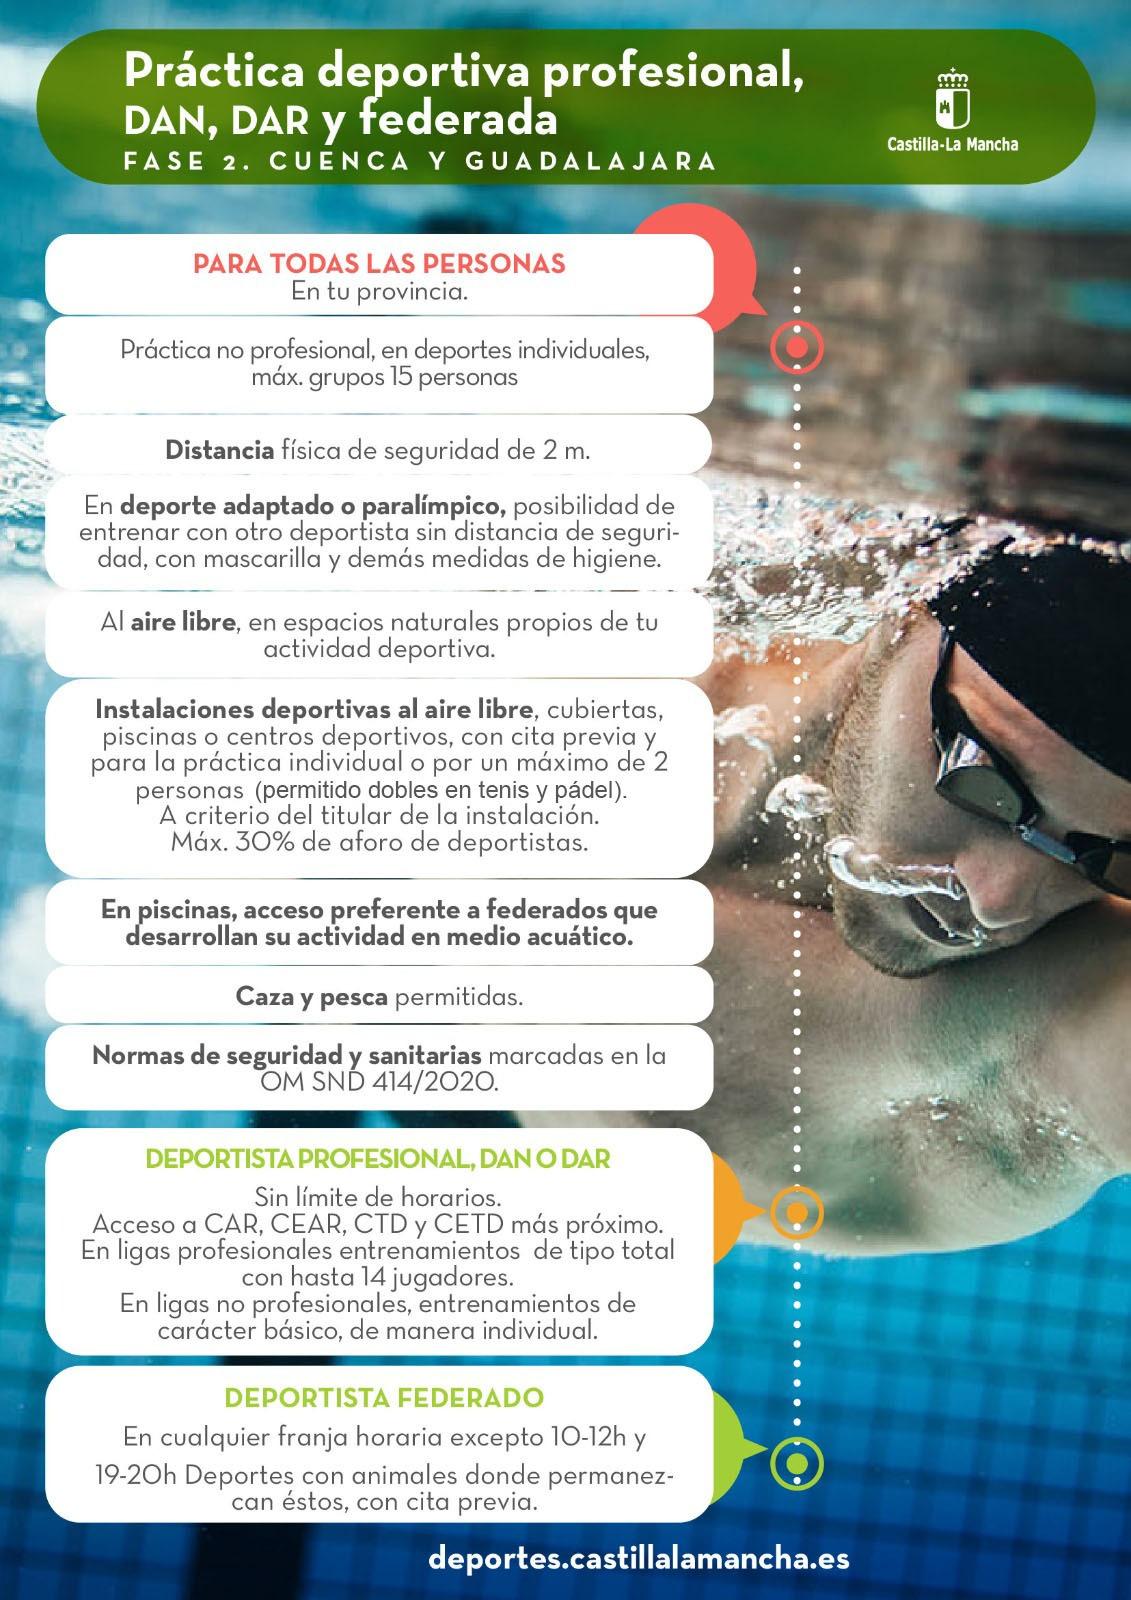 Fase 2 - Cuenca y Guadalajara - Deporte profesiona, DAN, DAR y federado (27/05/2020)